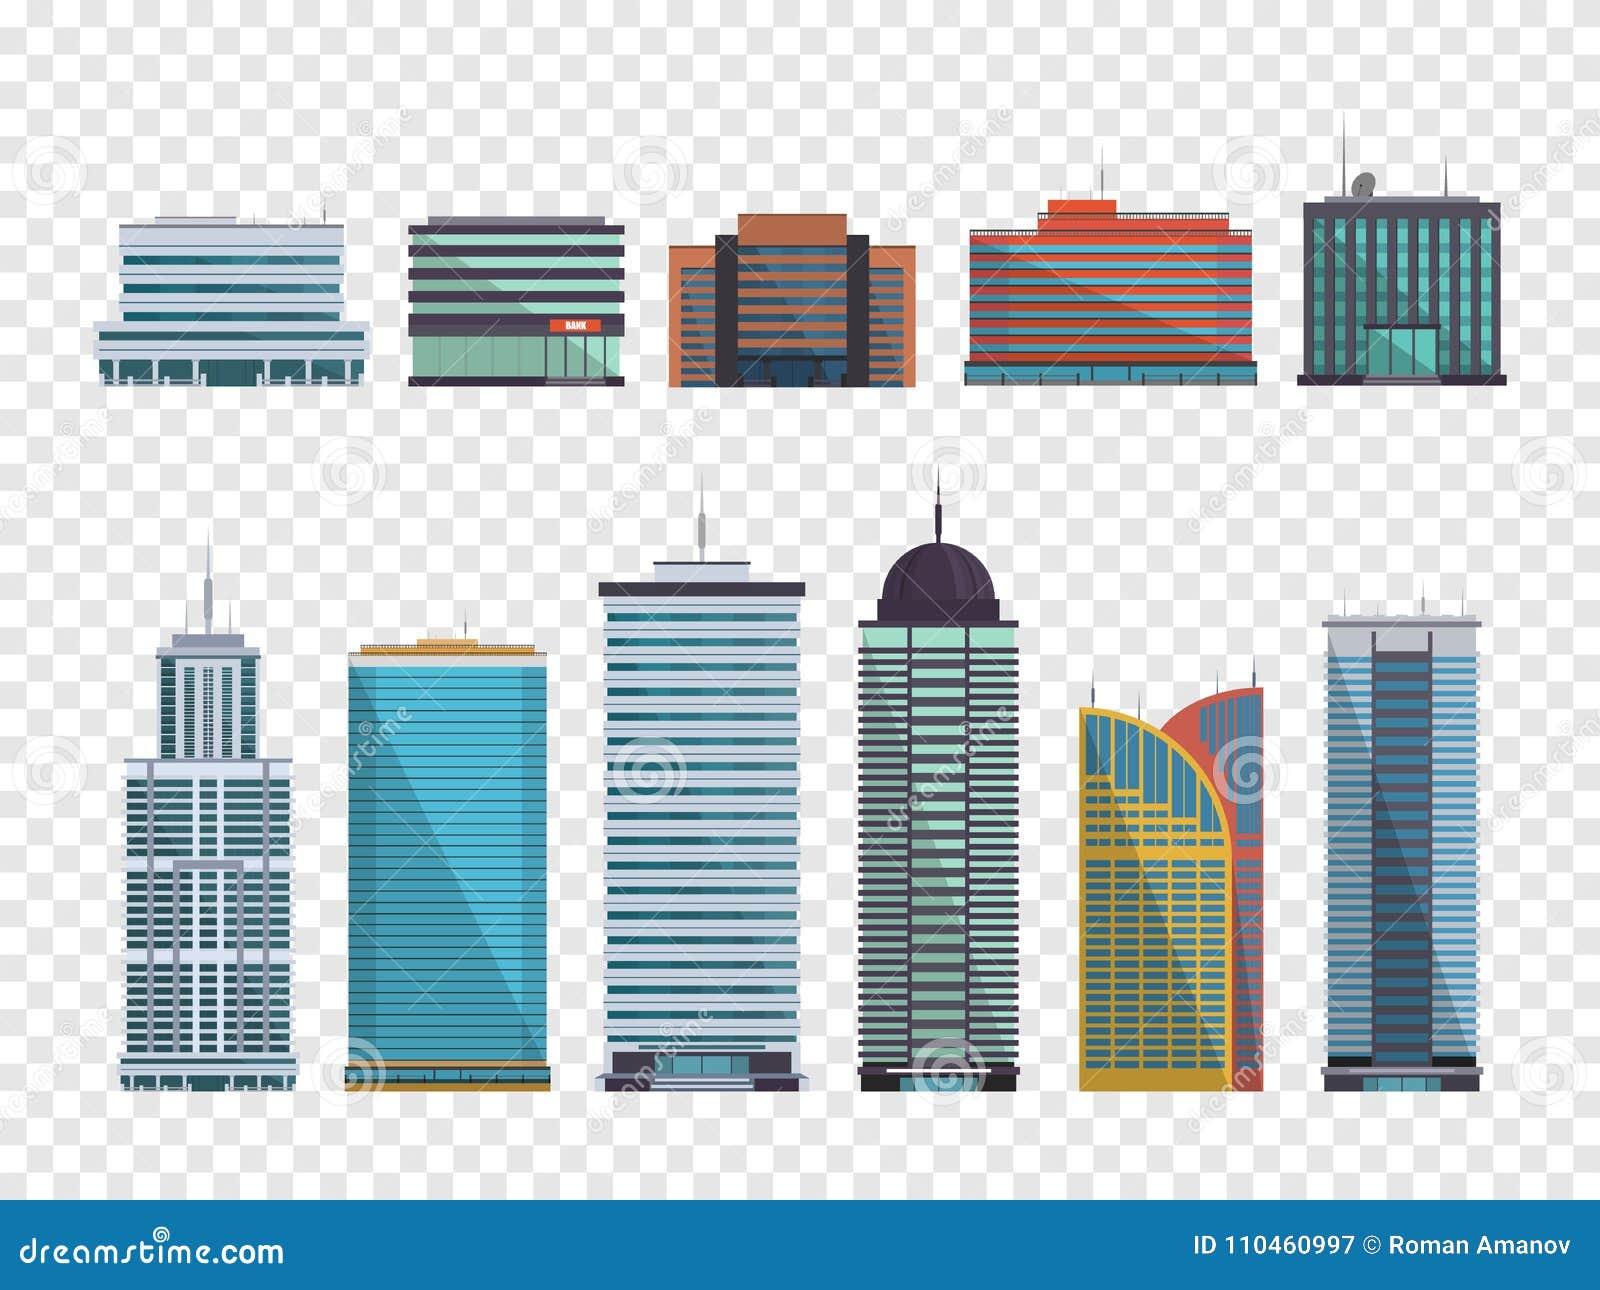 Uppsättning av byggnader i plan stil stadsdesignen houses illustrationen dig också vektor för coreldrawillustration